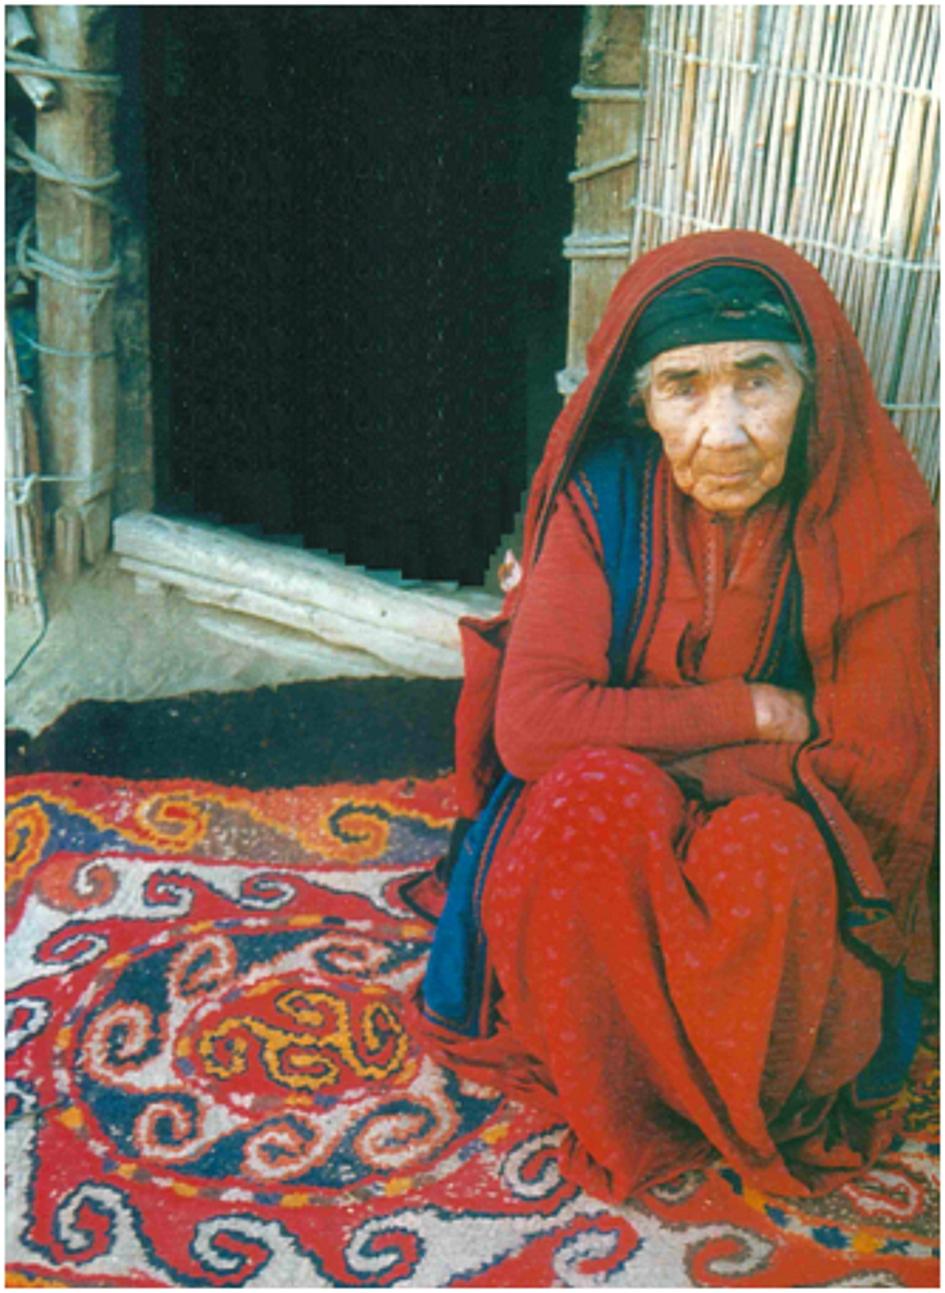 14 Türkmen pásztorasszony